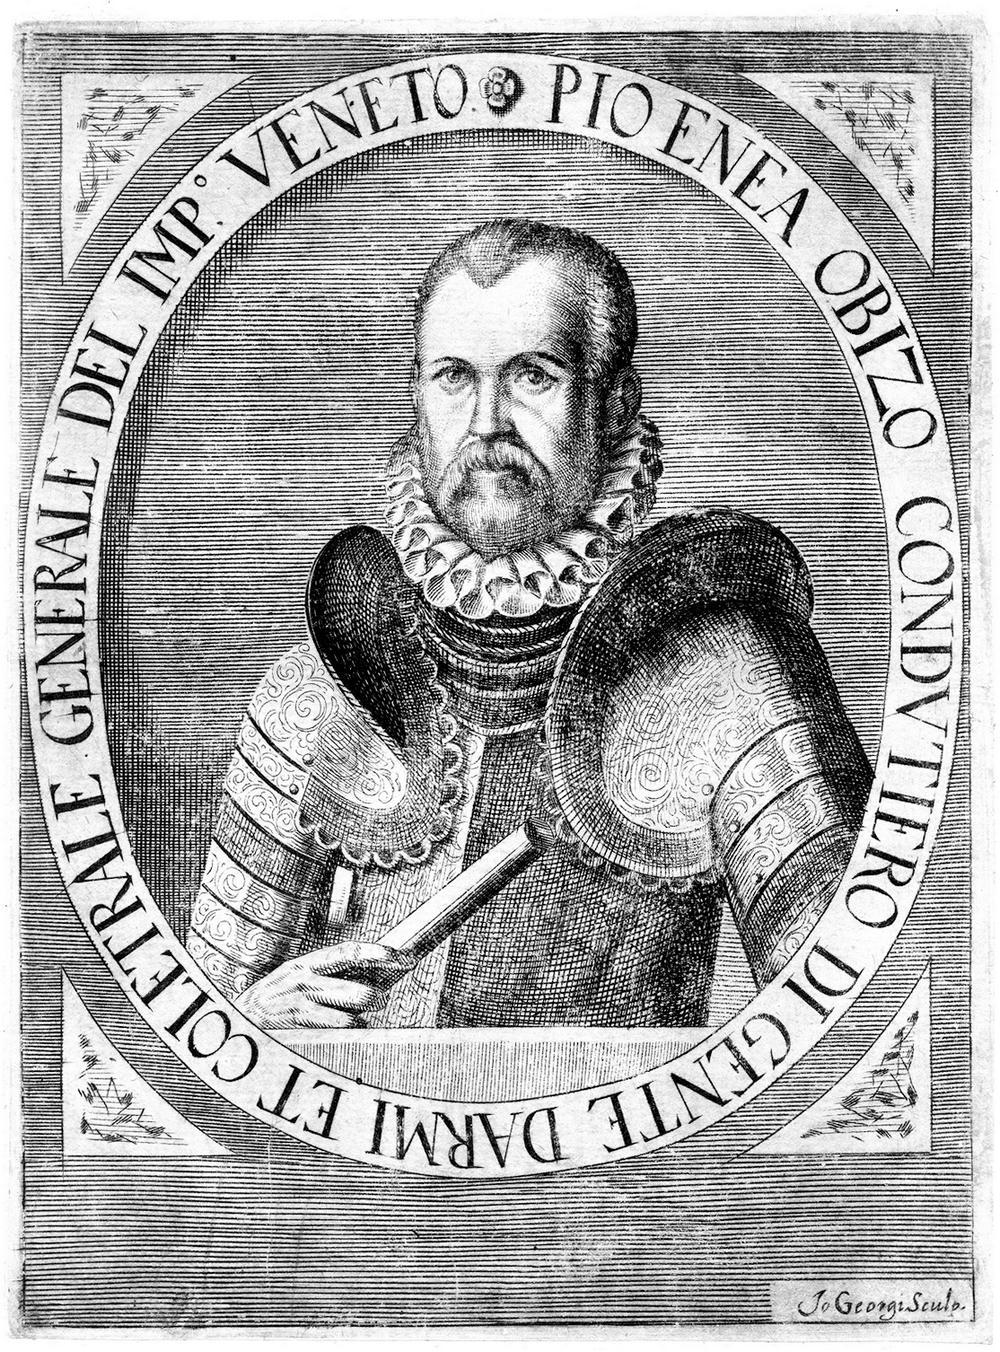 Ritratto di Pio Enea I degli Obizzi.